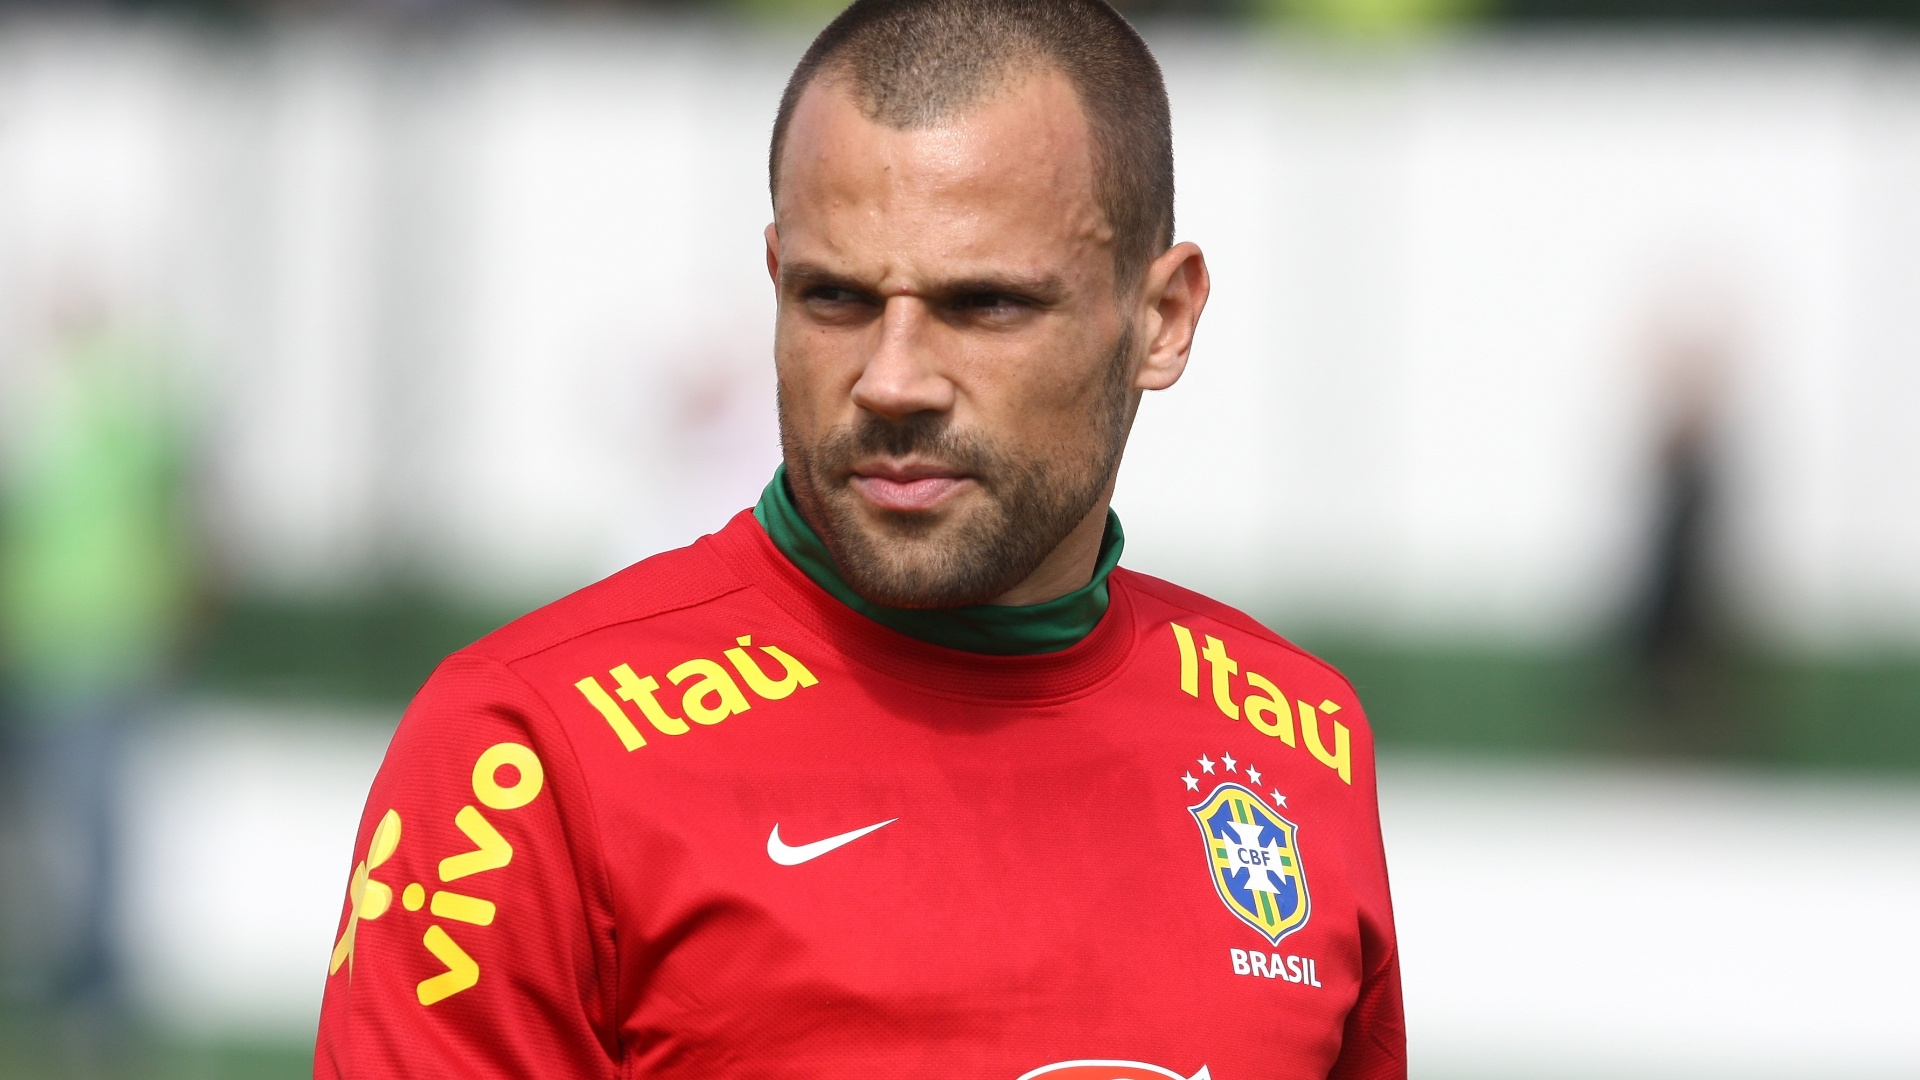 04.jun.2013 - Goleiro Diego Cavalieri é fotografado durante treino da seleção brasileira